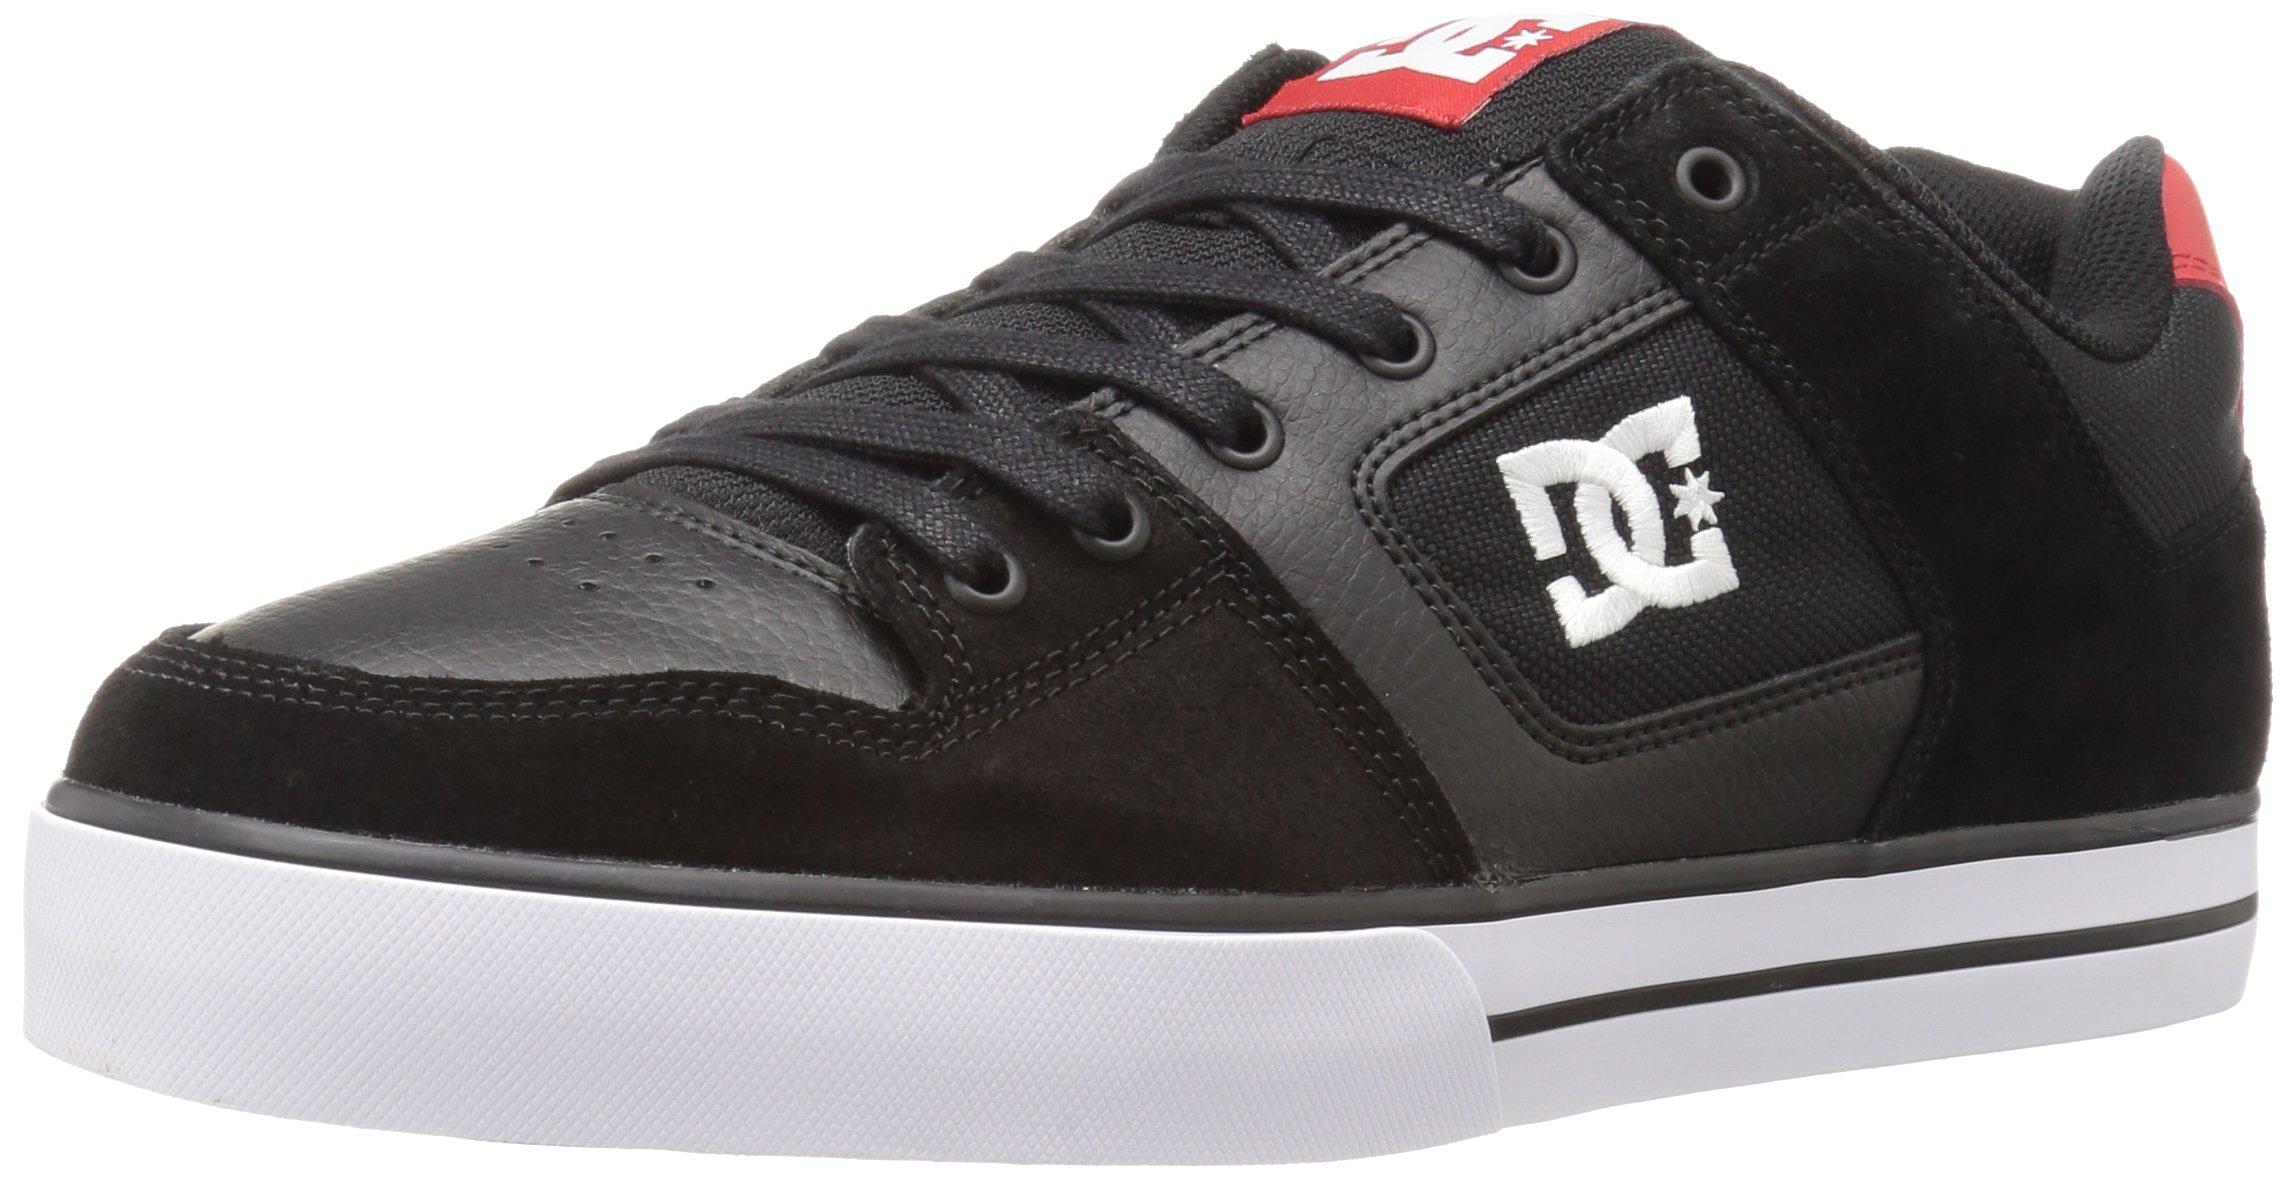 DC Shoes Mens Shoes Pure - Shoes - Men - 9.5 - Black Black/Athletic Red 9.5